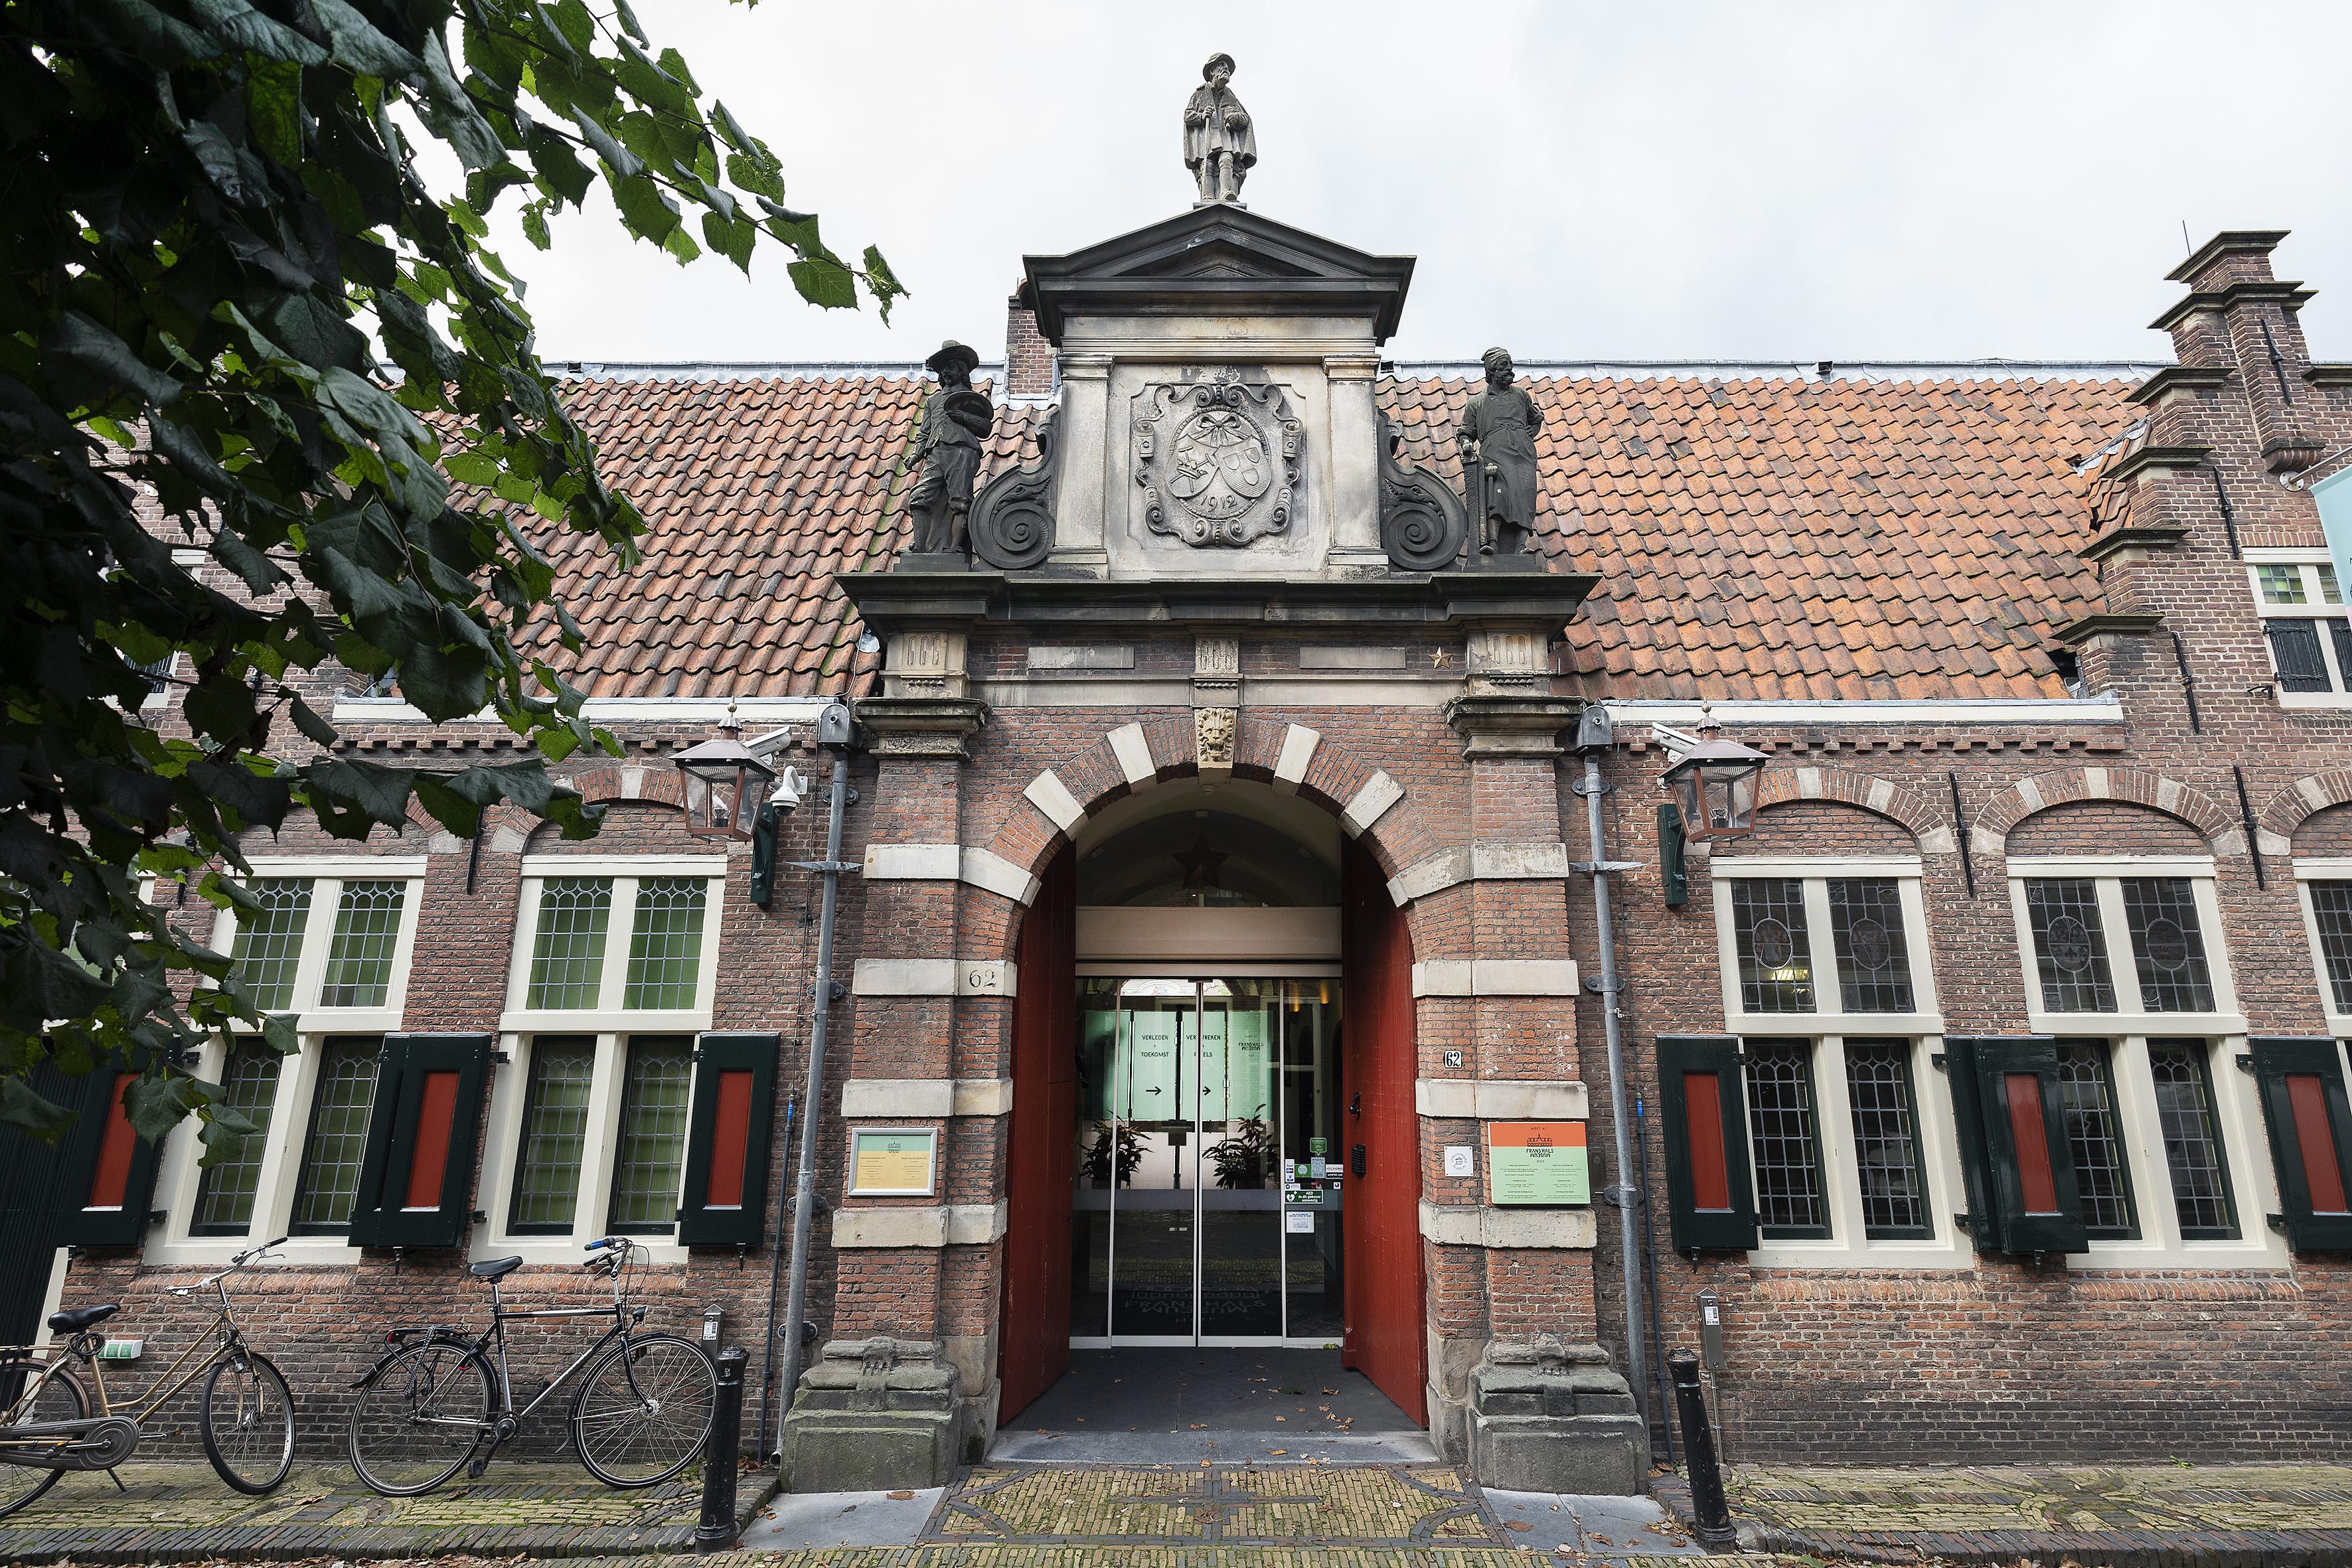 Frans Hals Museum in Haarlem en Amsterdam Museum slepen samen miljoen extra in de wacht